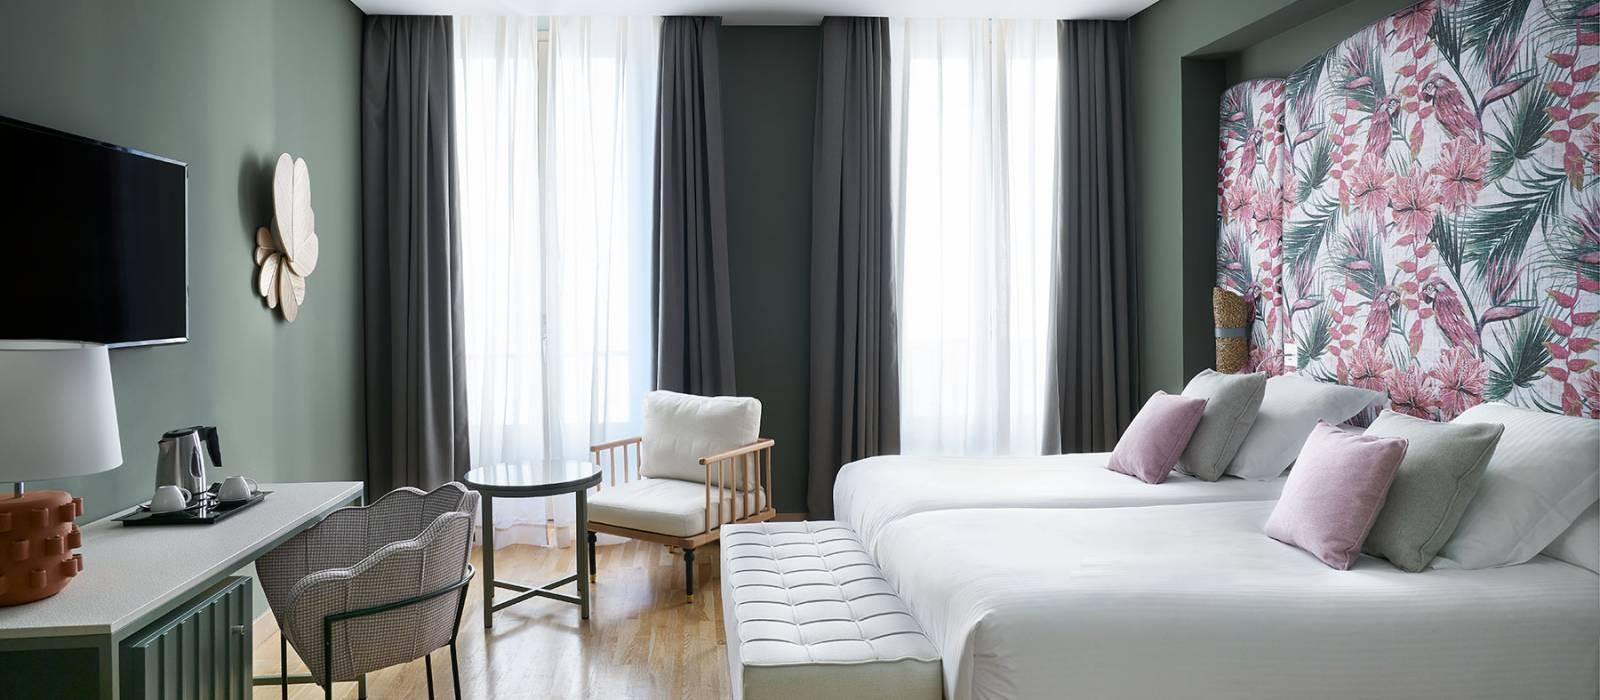 Oferta -15% y 3 noches Hotel Vincci Posada del Patio